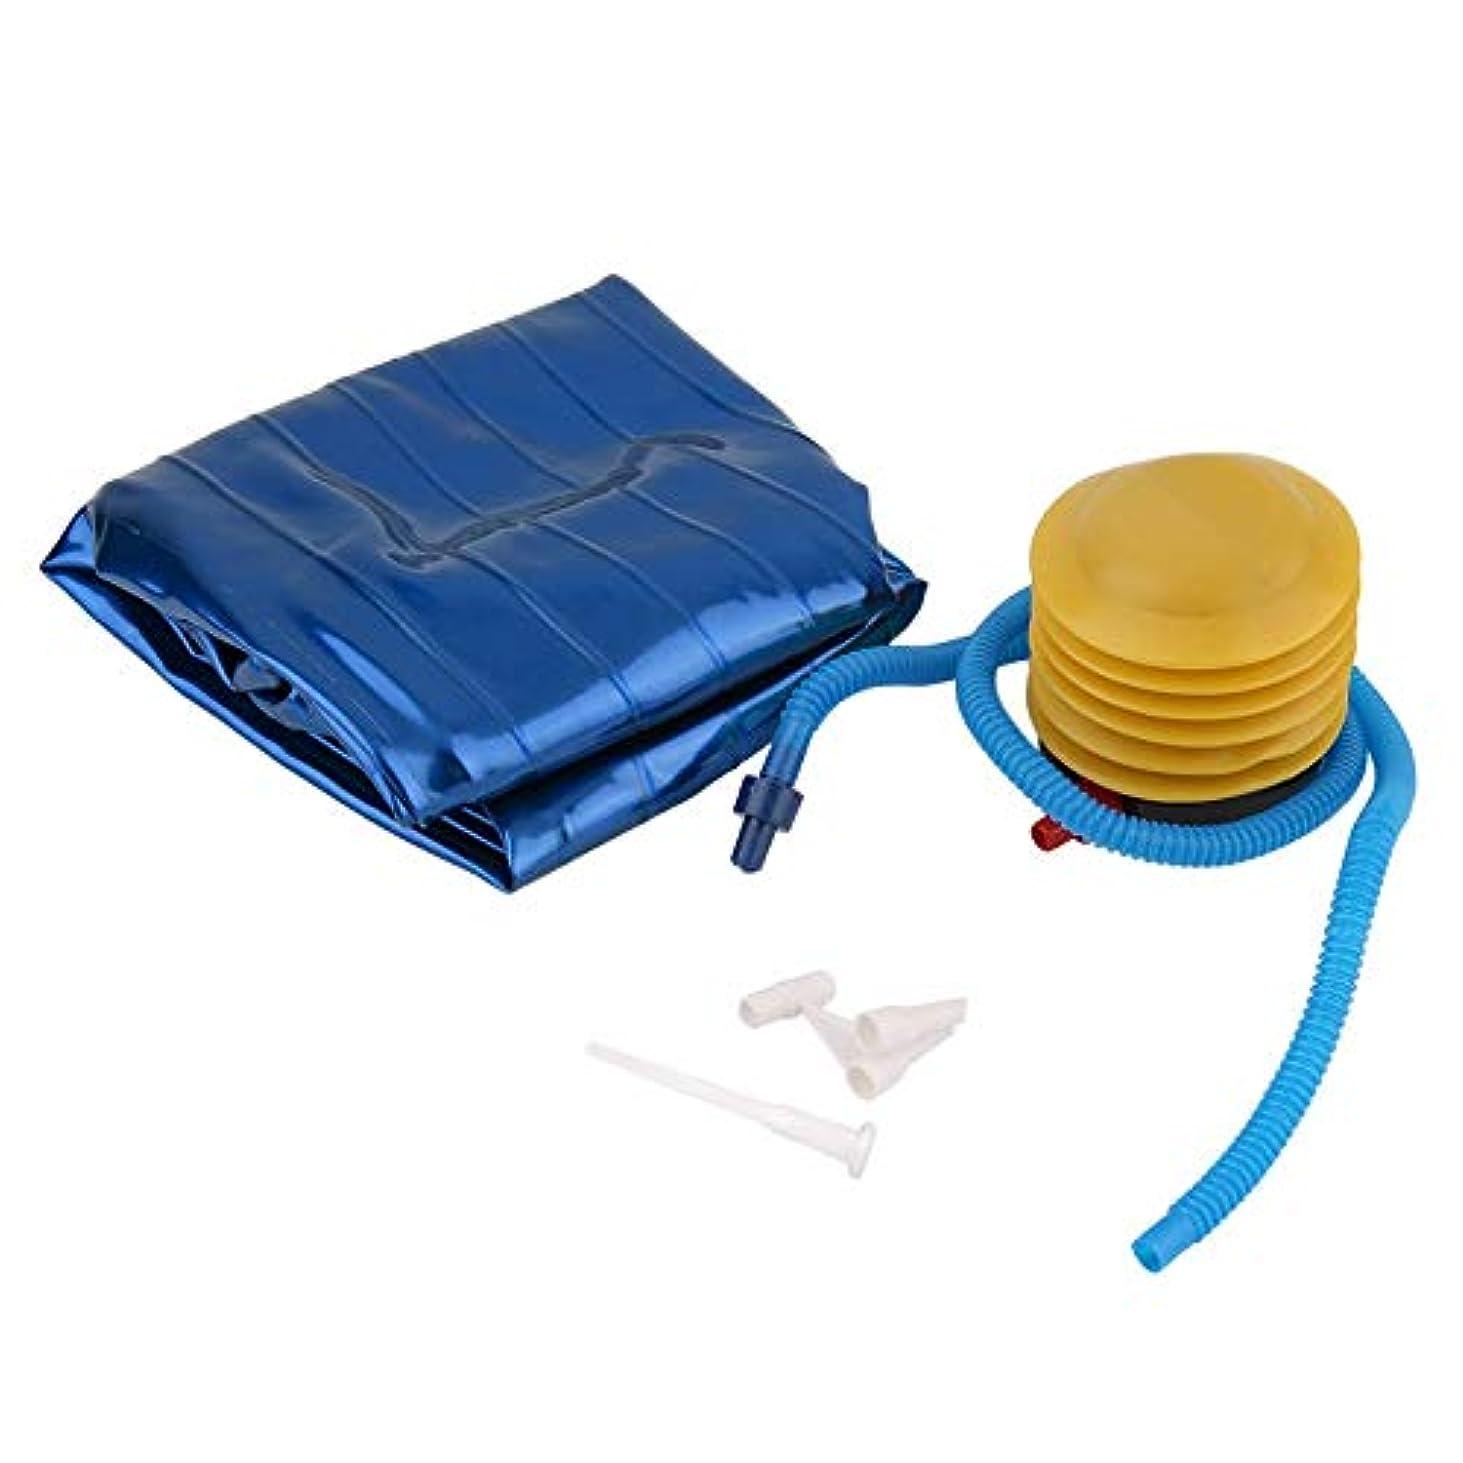 衛星核ハンマーフィットネスピラティスヨガボールユーティリティウェイトトレーニング柔軟性バランススポーツ厚みのあるpvc滑り止めフィットネス用ポンププラグ - ブルー85 cm